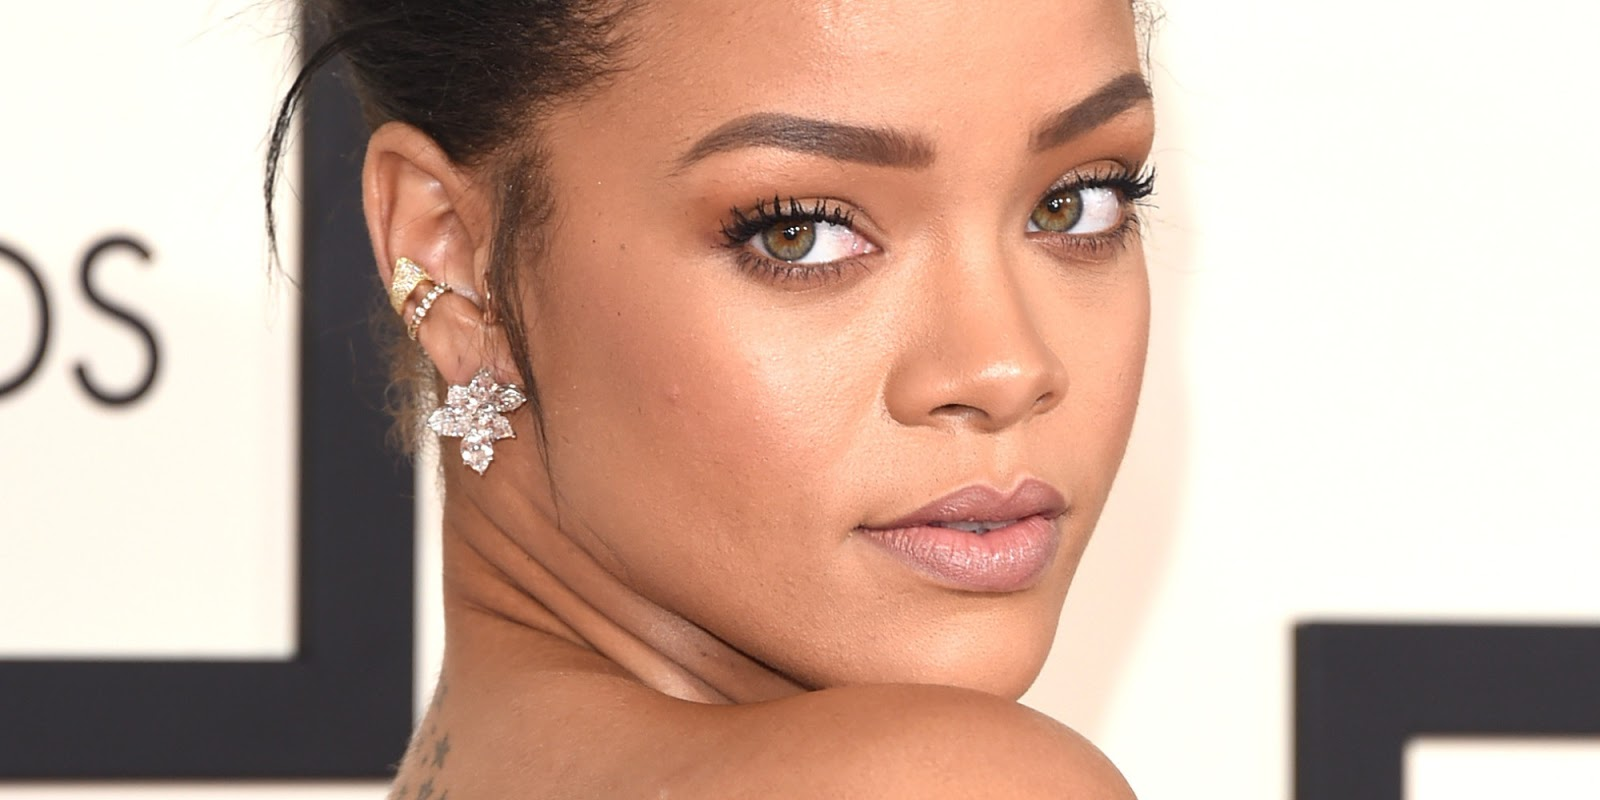 Rihanna Beat Up Face Beyonce & Rihanna ...